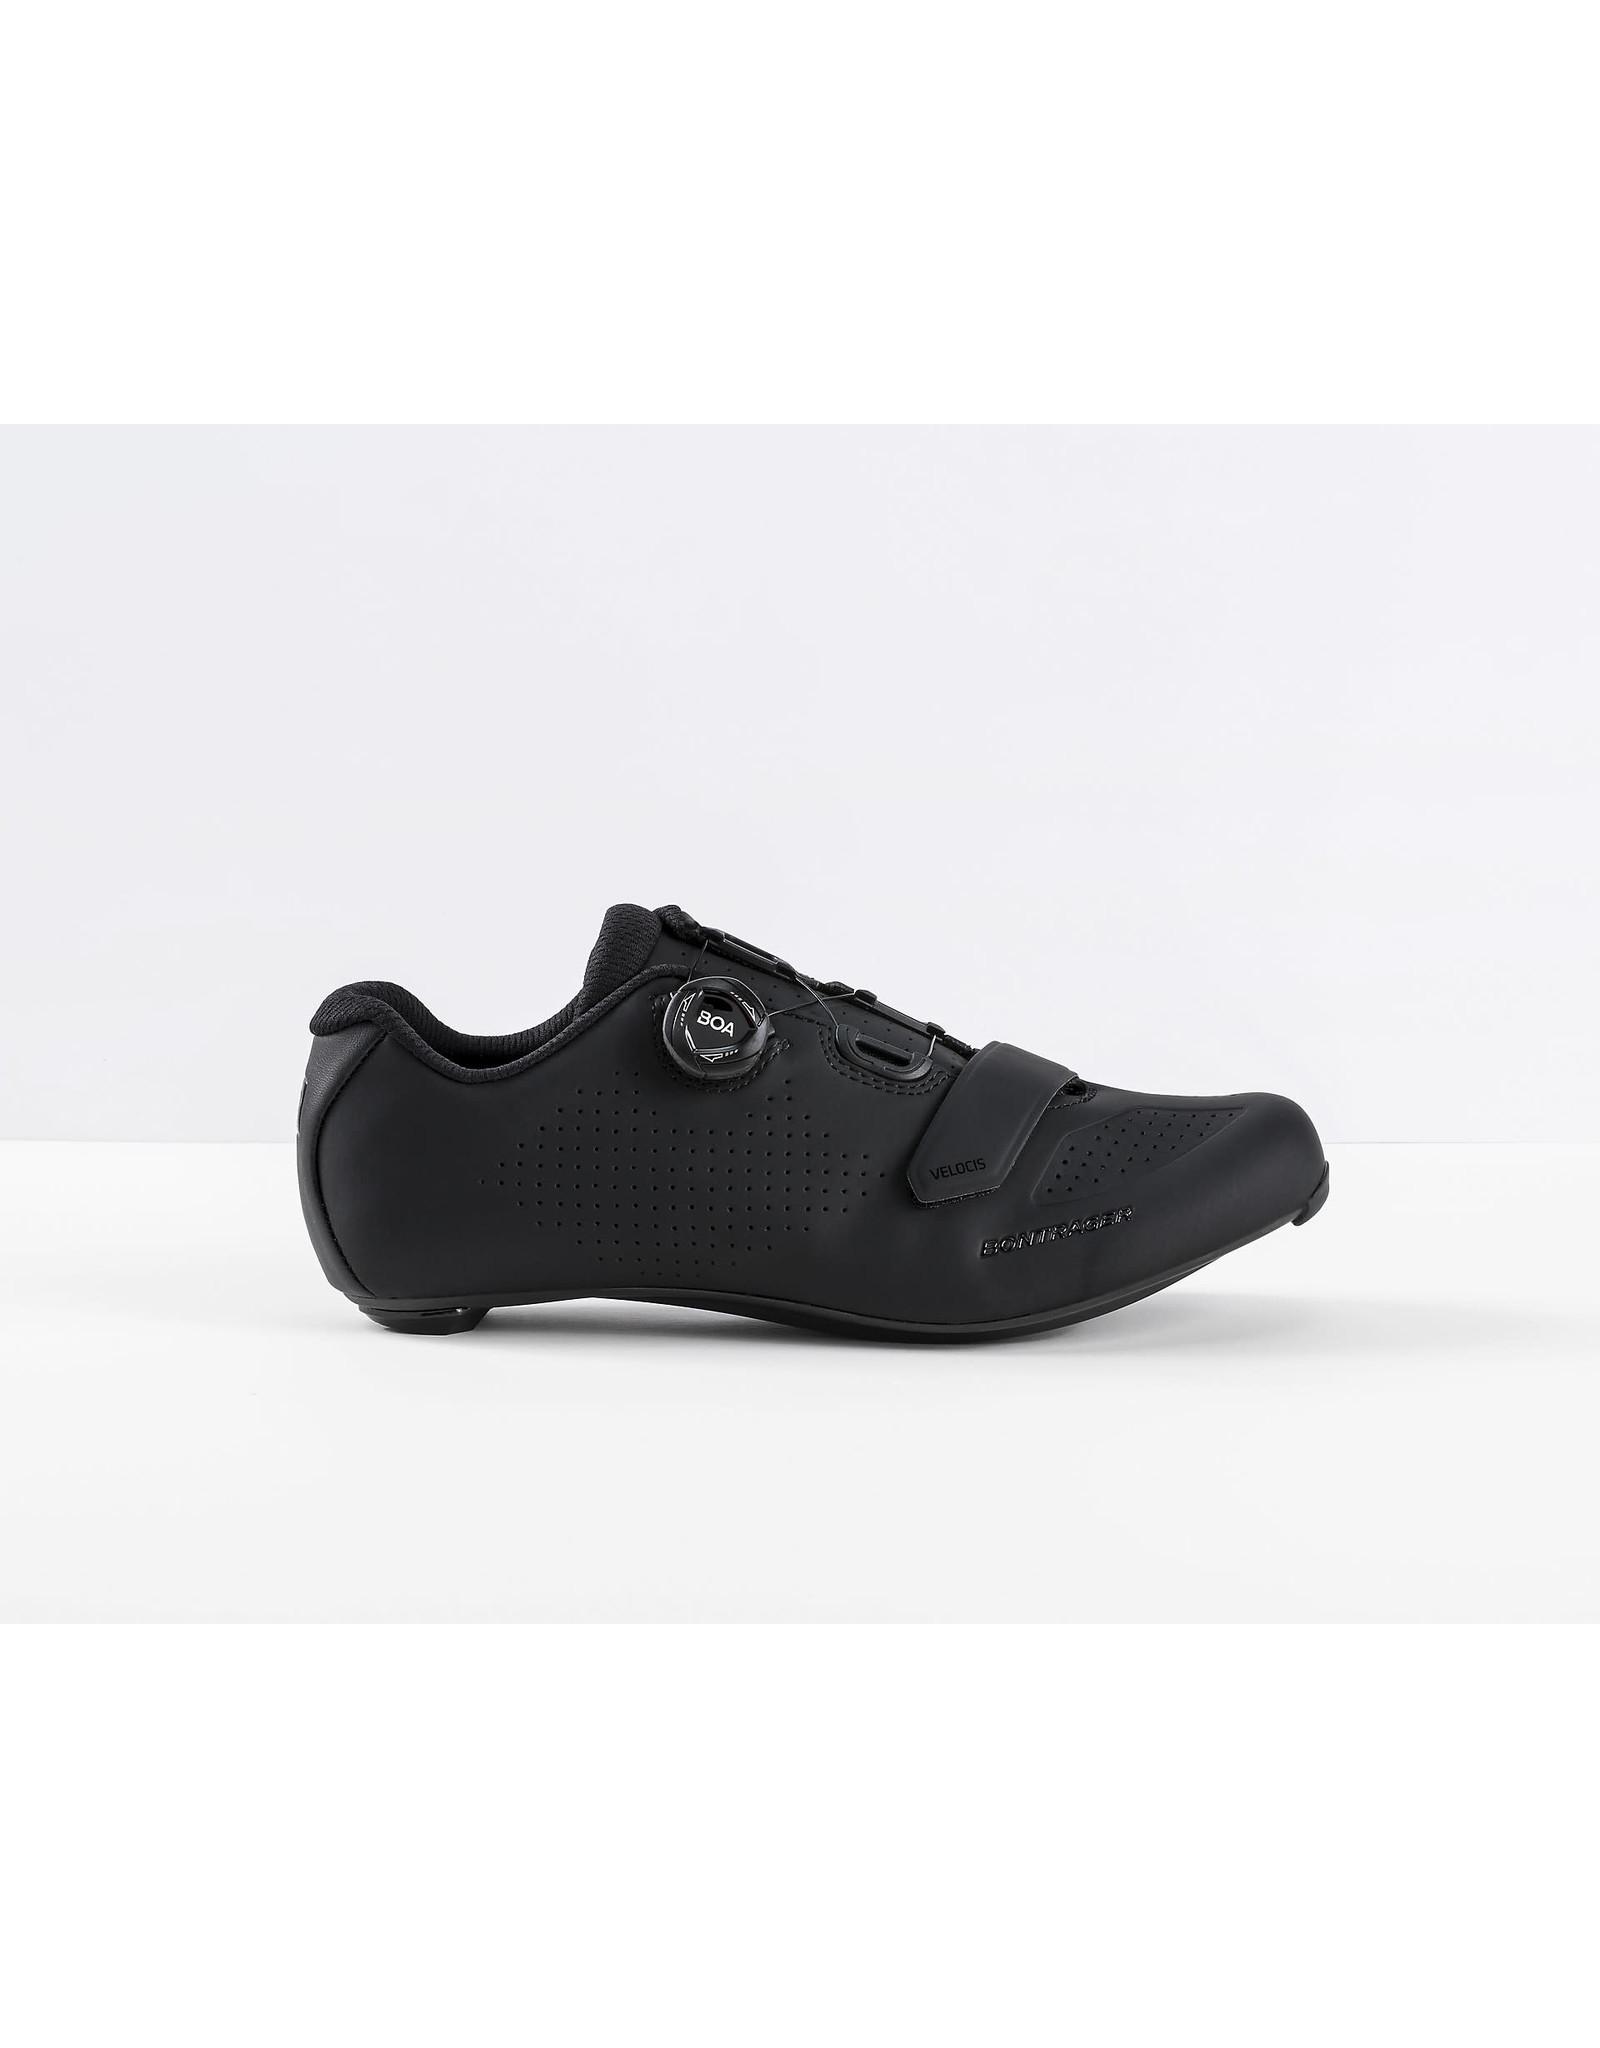 Bontrager Chaussures vélo de route Bontrager Velocis